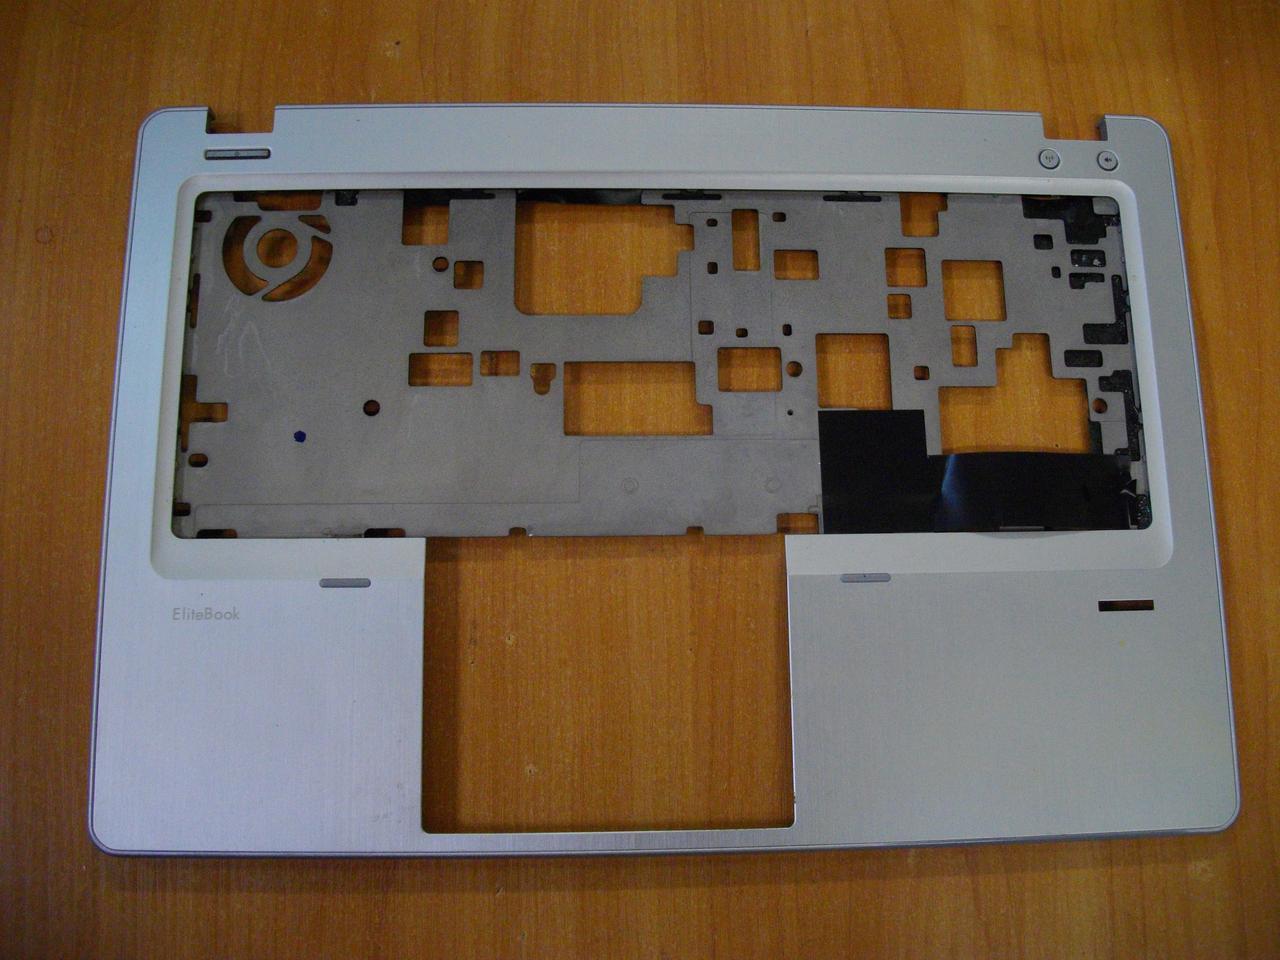 Корпус Каркас Средняя часть, верхняя часть корпуса HP EliteBook Folio 9470m, 9480m бу